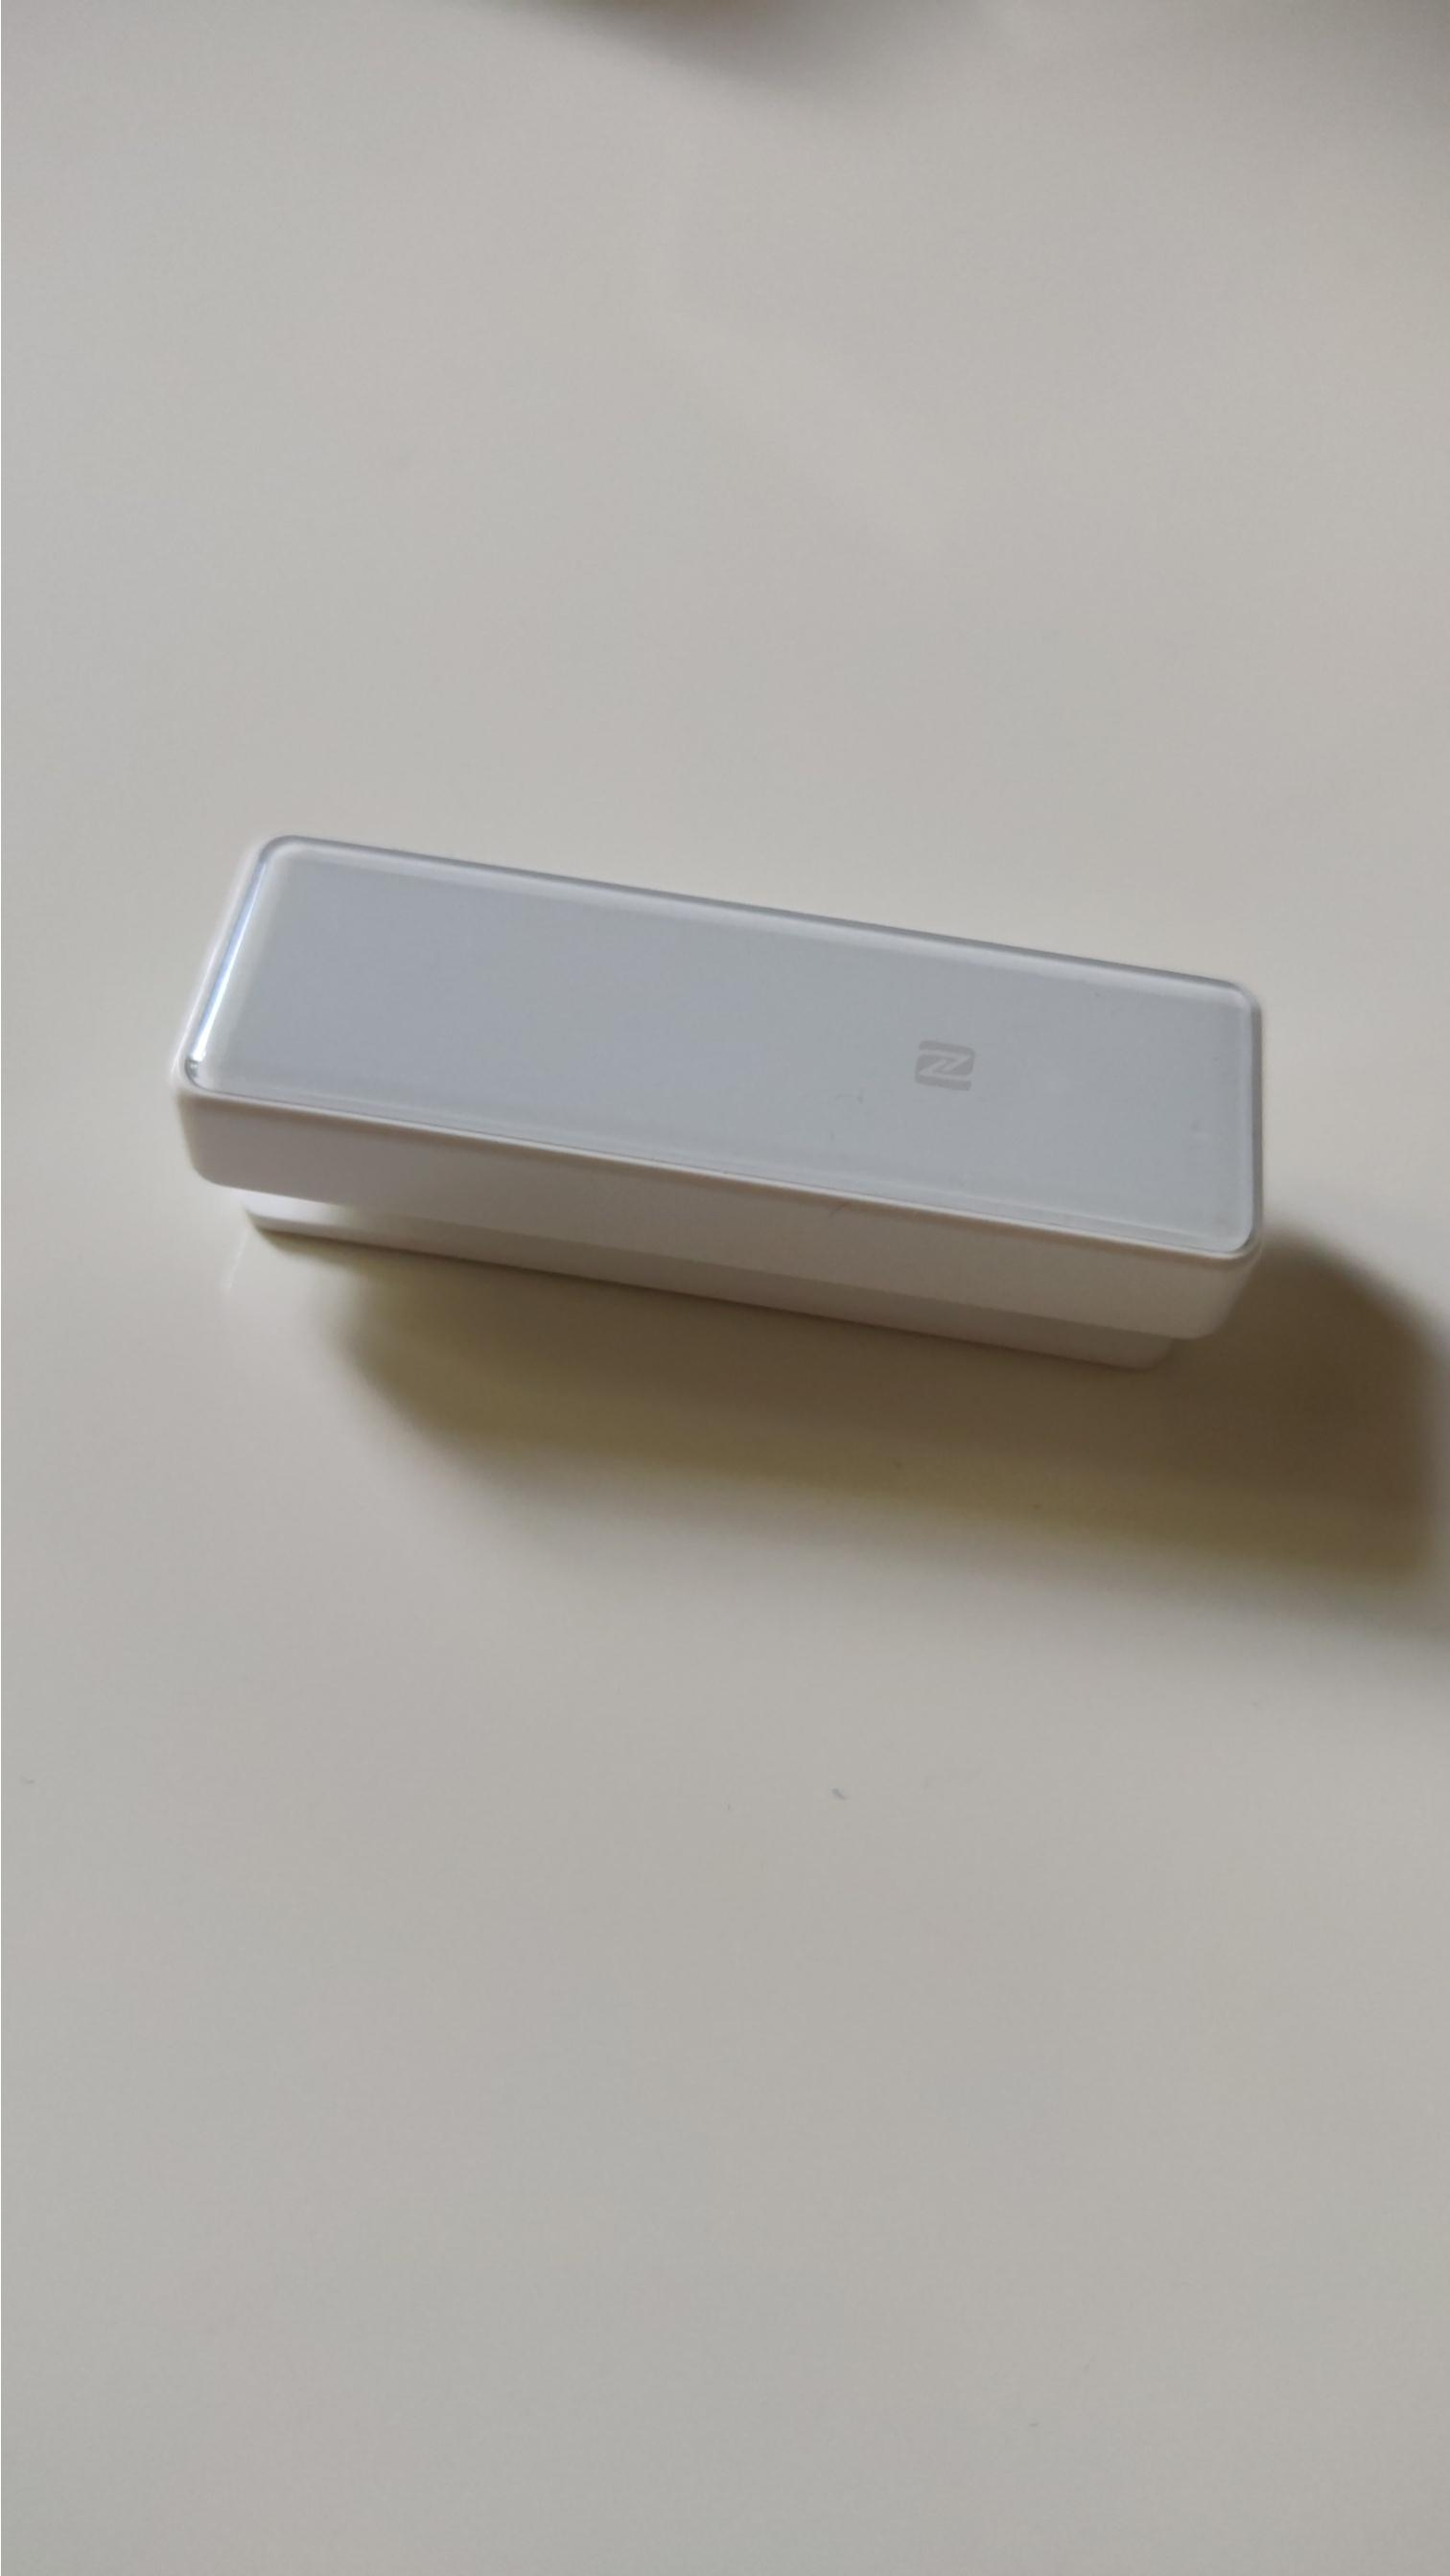 SOLD: FiiO uBTR bluetooth receiver | Headphone Reviews and